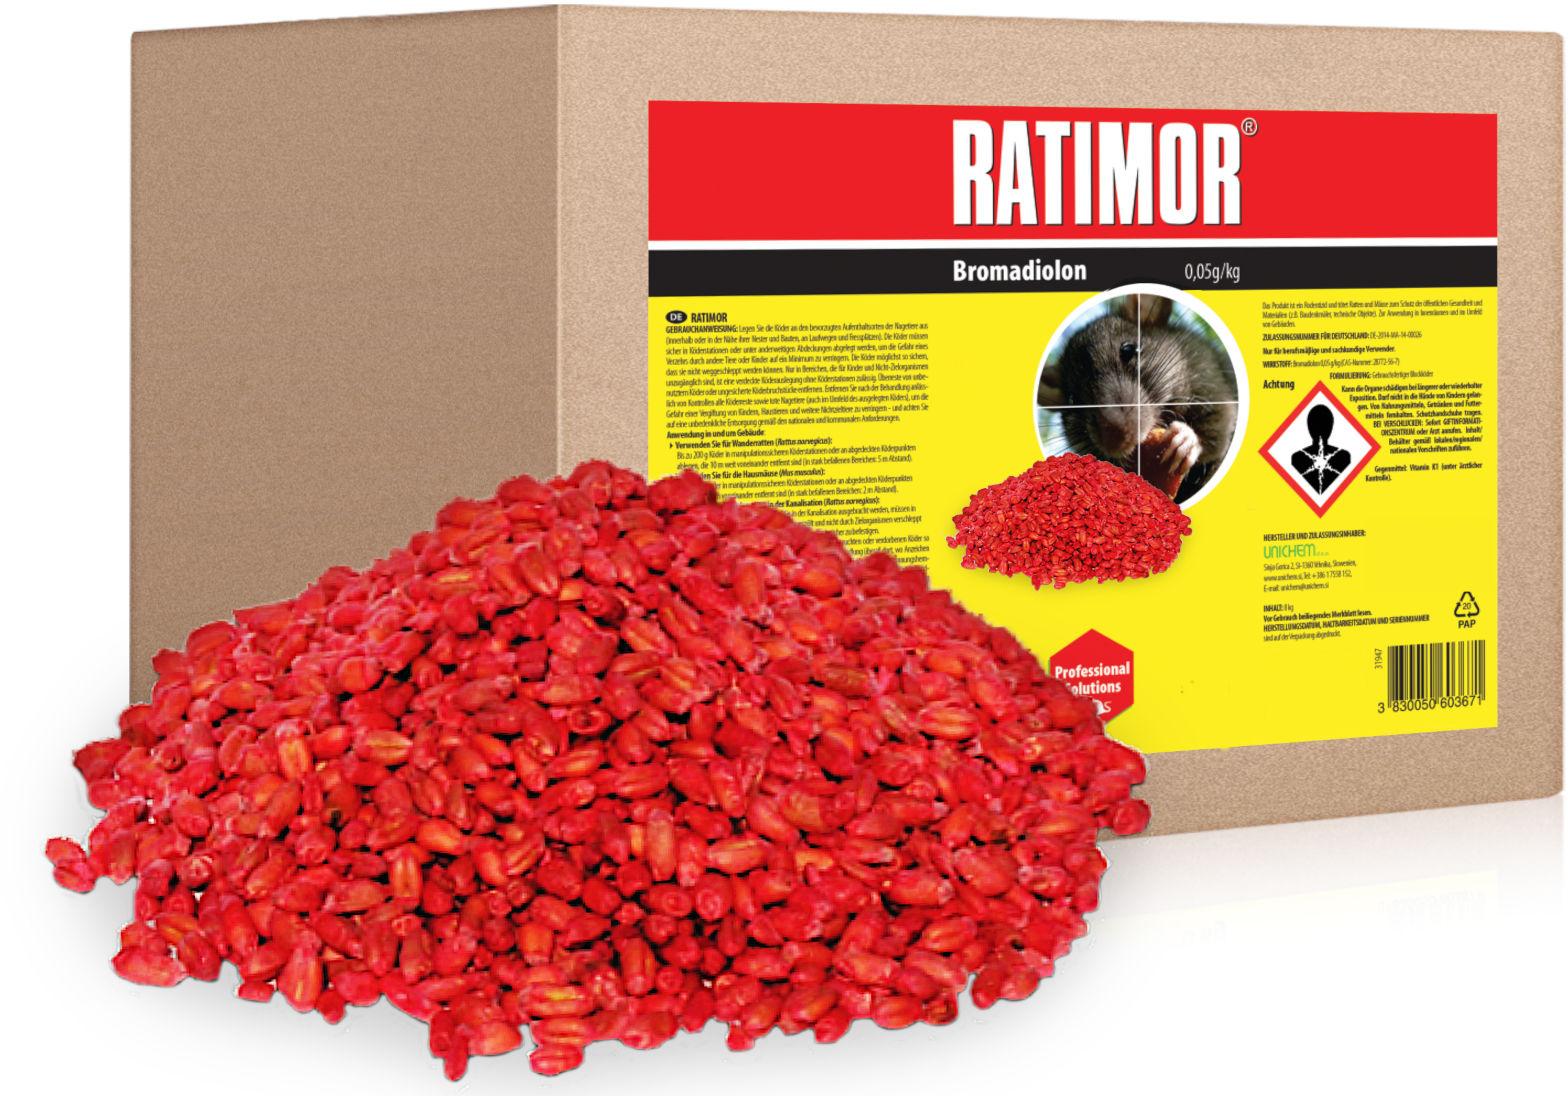 10kg Trutka na szczury, trutka na myszy. Ratimor - trutka zbożowa, zatrute ziarno.